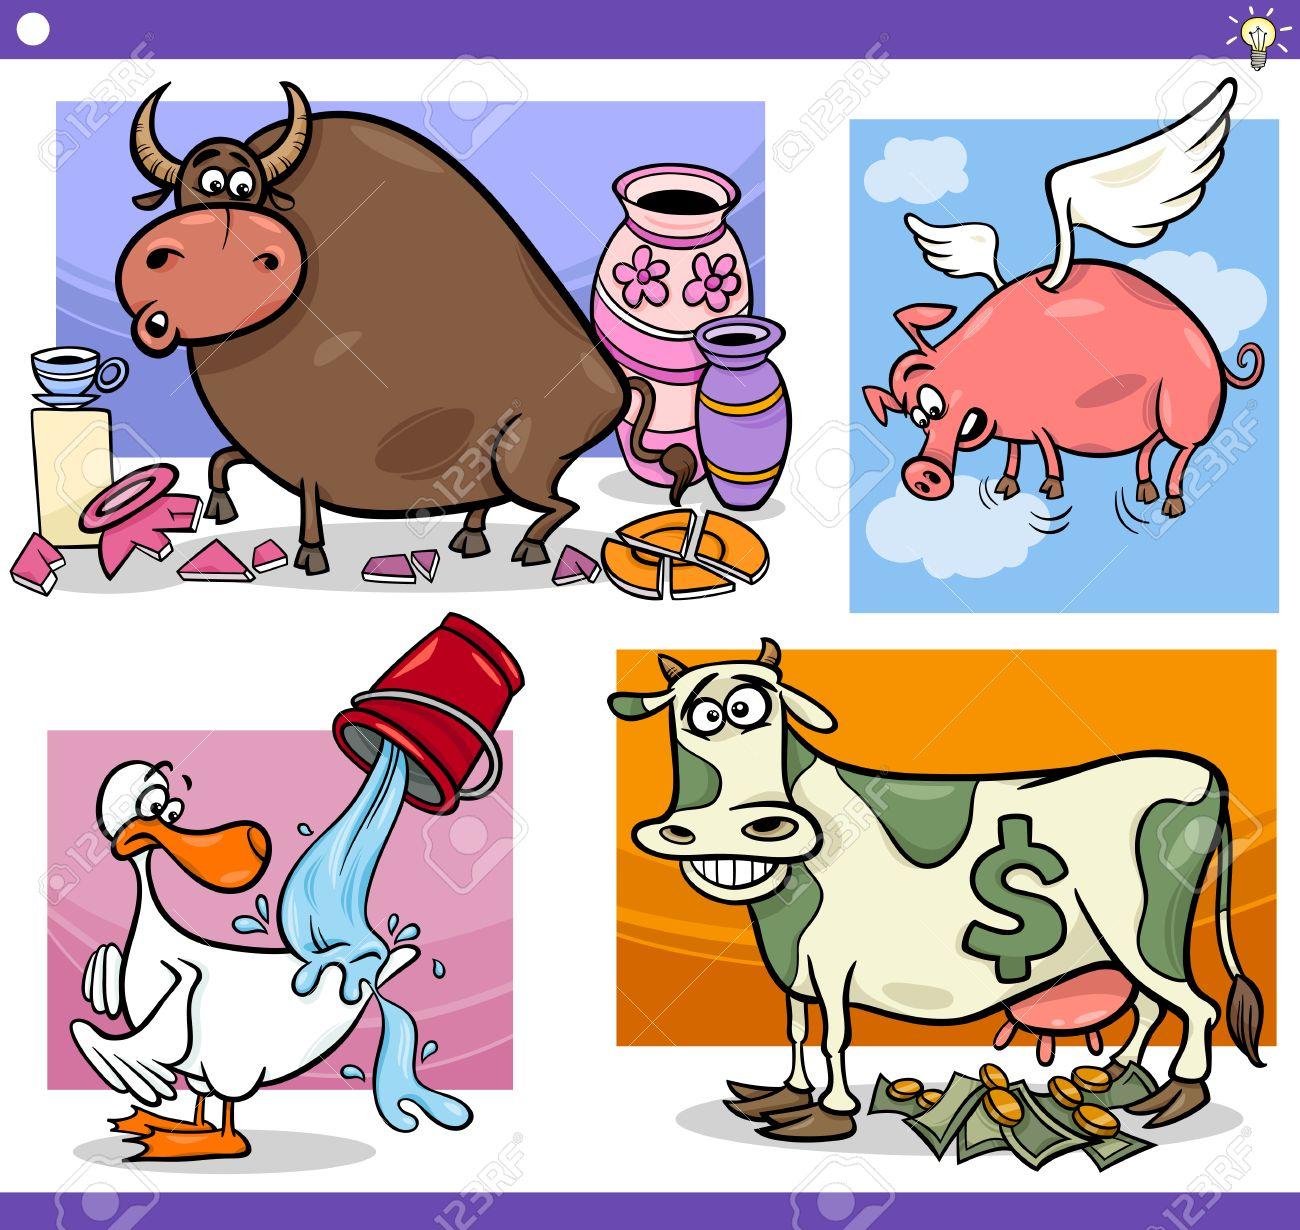 図は一連の滑稽な漫画ことわざやことわざの概念と面白い動物のキャラクターを用いた比喩